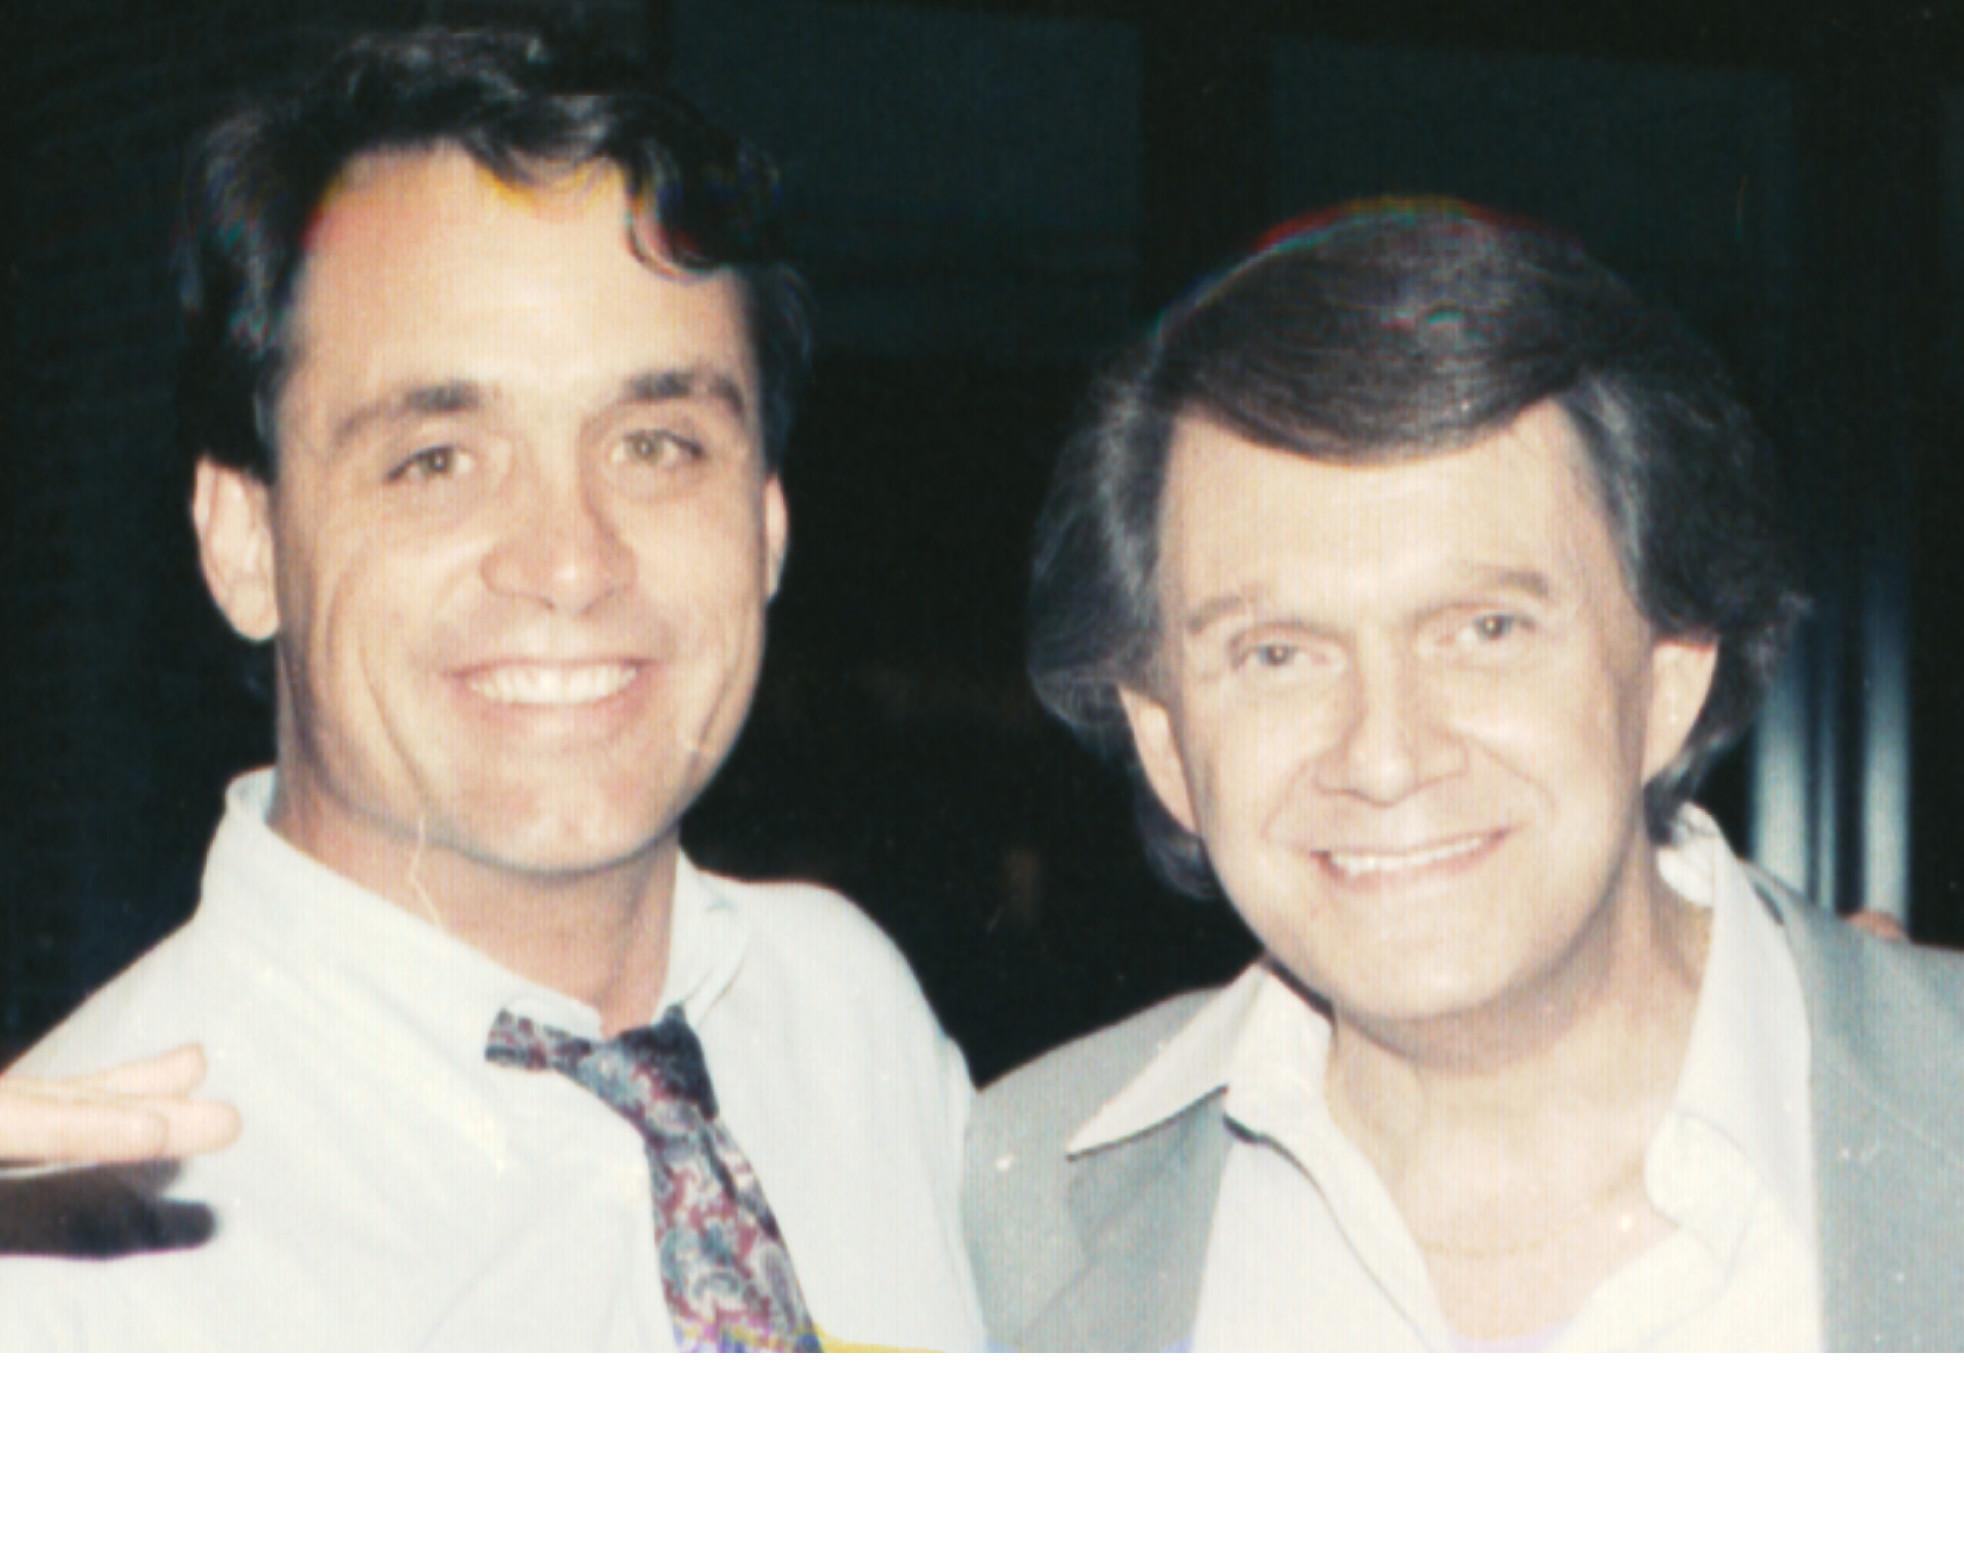 Dal and Thomasoni